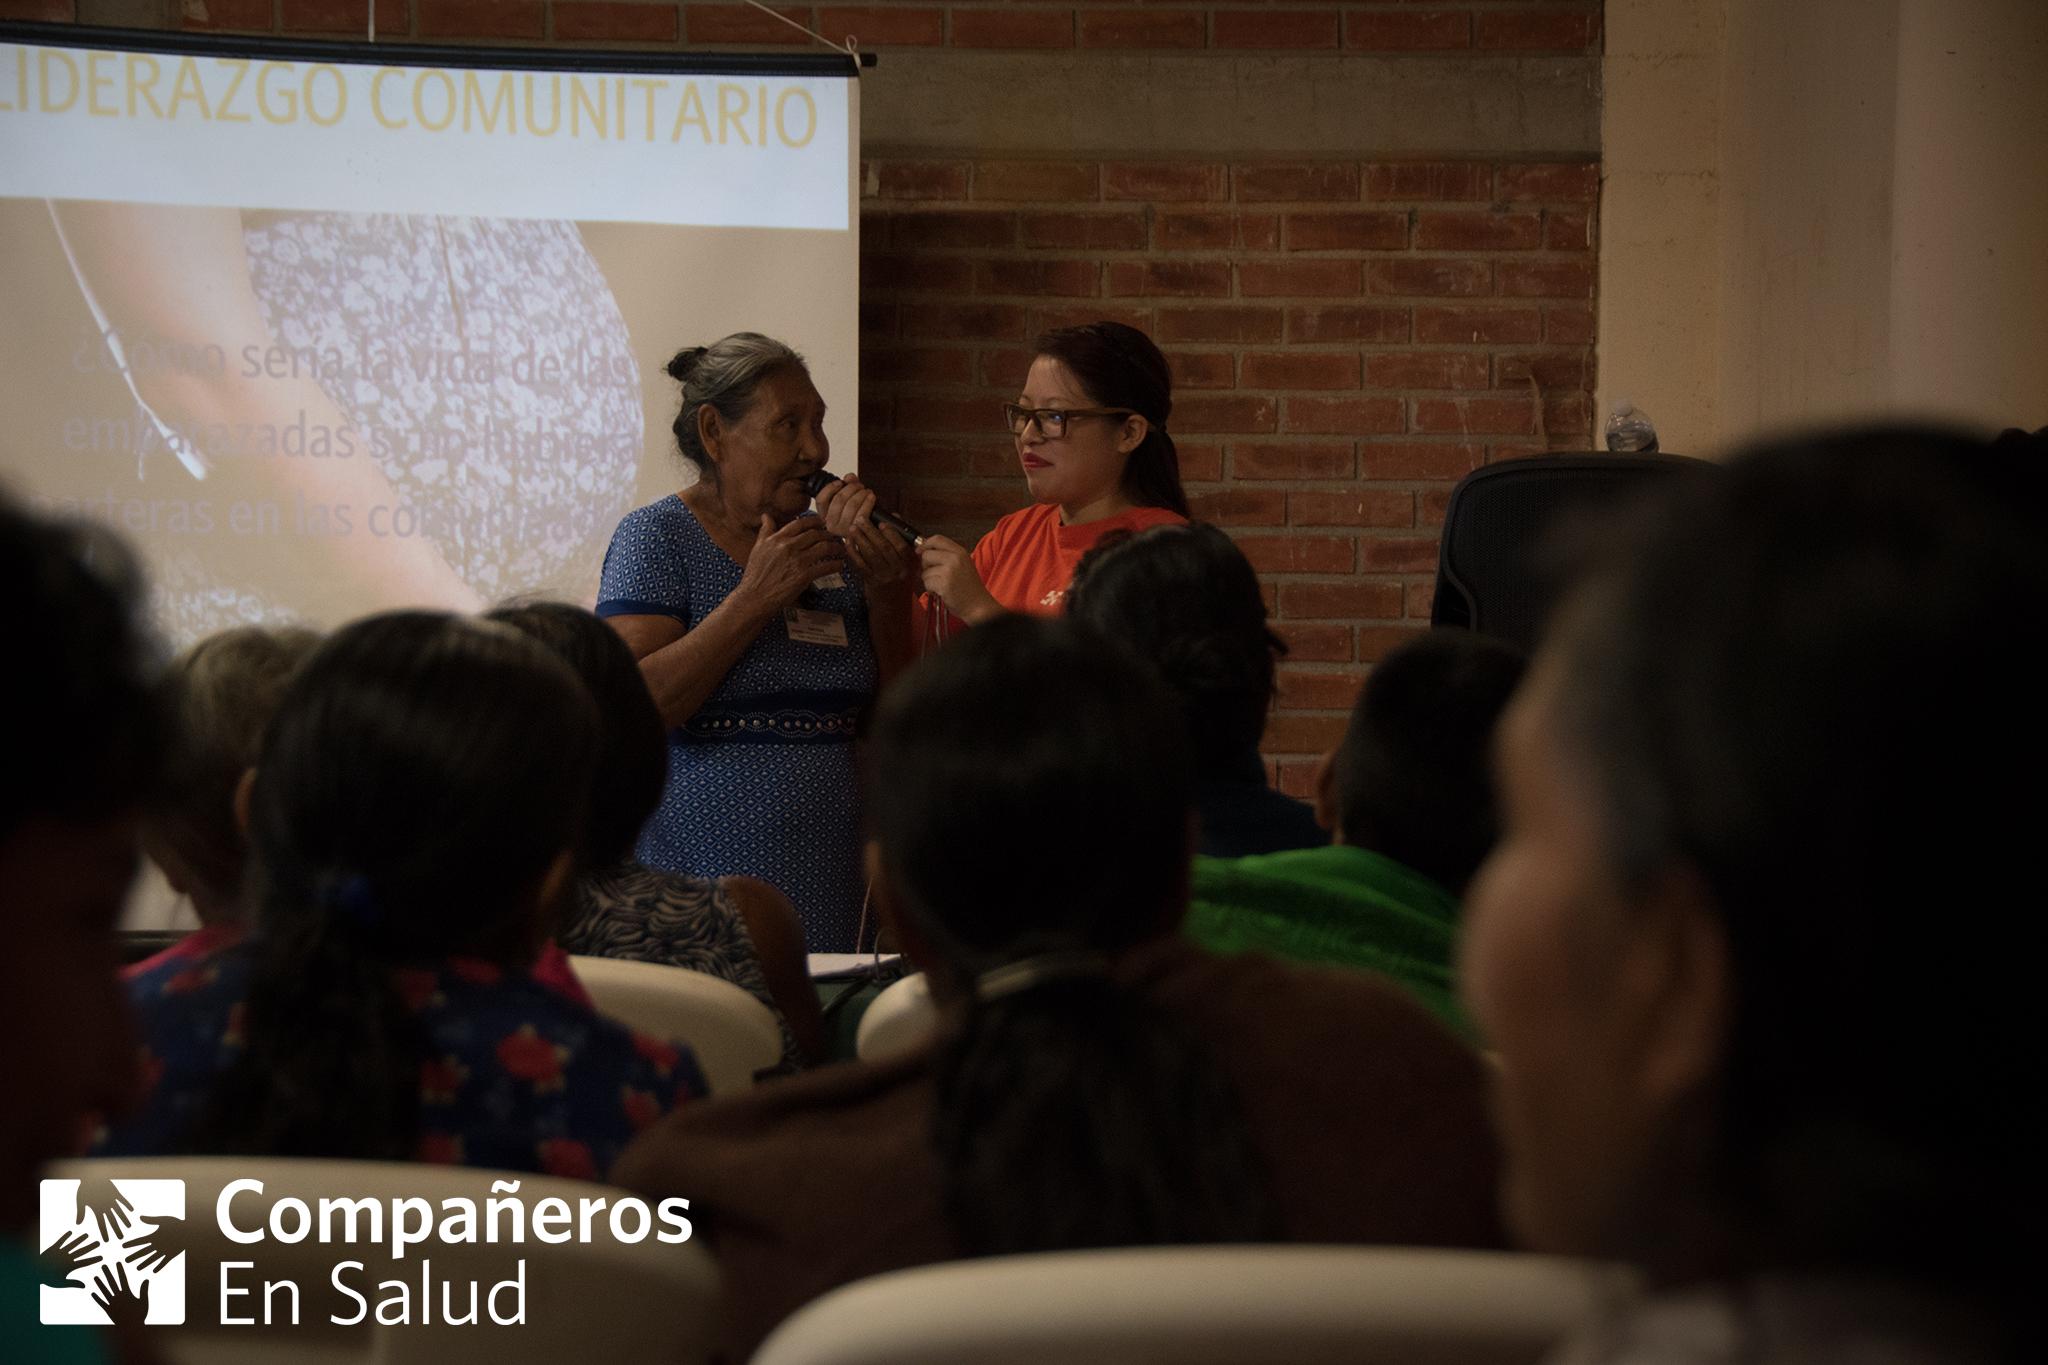 Este año, CES organizó una serie de eventos para crear intercambio de conocimientos entre parteras tradicionales de la región, el personal del hospital comunitario y nuestro equipo de salud materna. Durante el primer evento, más de 30 parteras de 20 comunidades se nos unieron en esta colaboración para el beneficio de todas las mujeres a que servimos. (De izquierda: la partera Margarita habla al grupo con la ayuda de la pasante de enfermería y obstetricia Estefanía Monterrosas Jiménez)